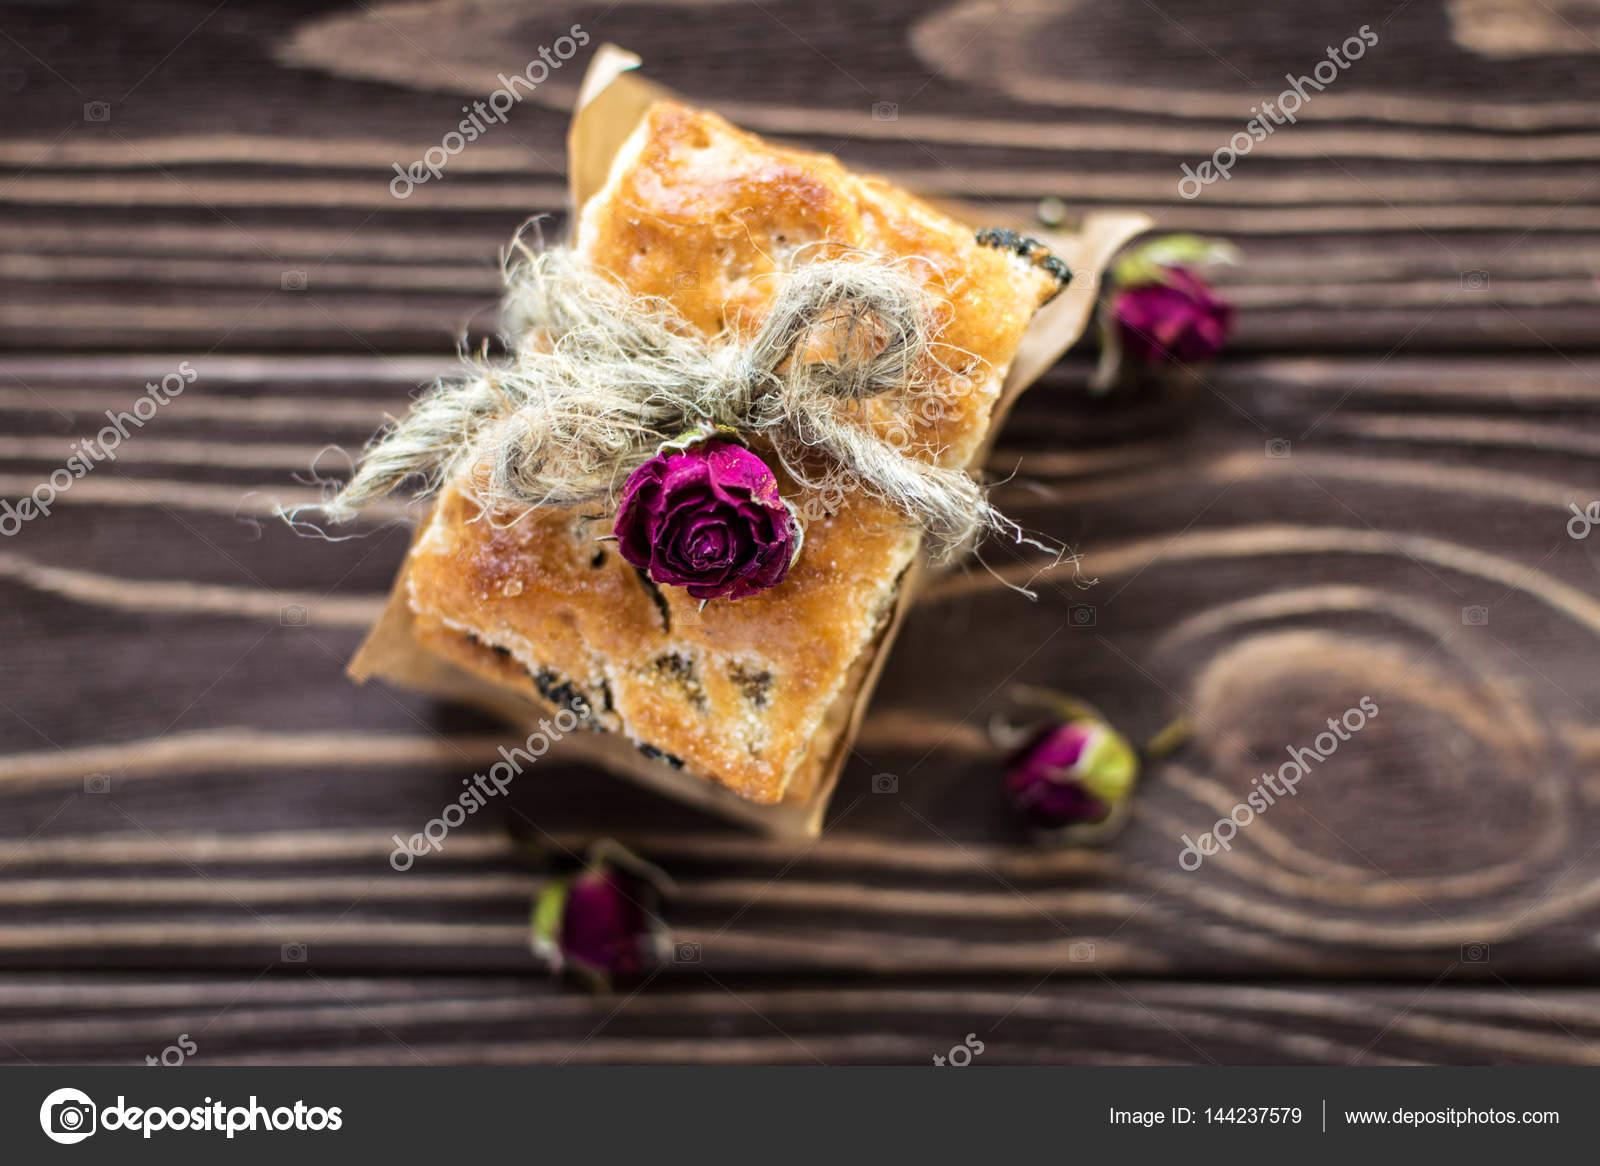 Pila De Dulces Galletas Decoradas Con Rosas En Fondo Rústico